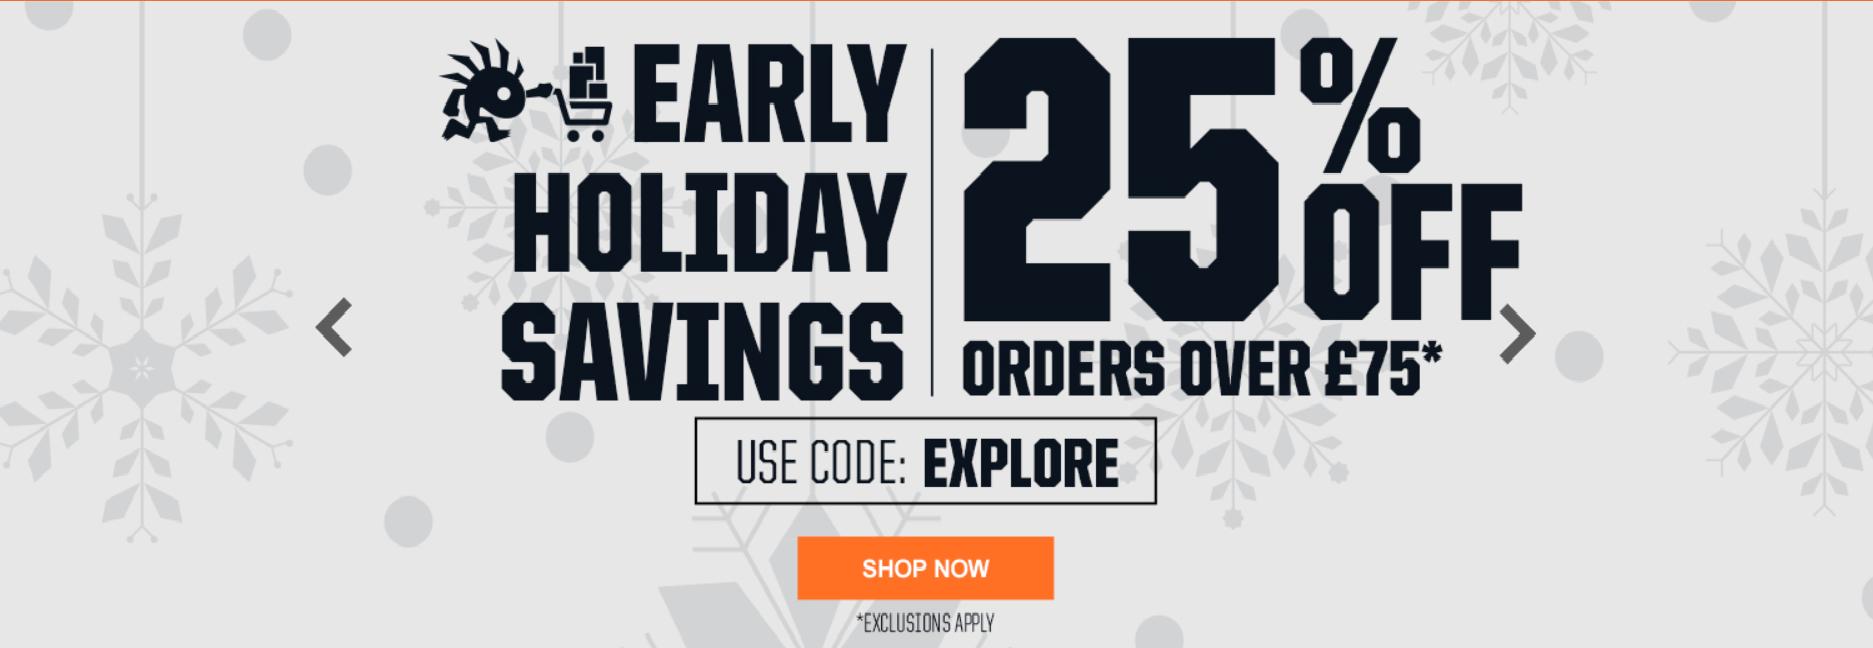 Tienda Oficial de Blizzard 25% de Descuento en compras superiores a 75 Libras